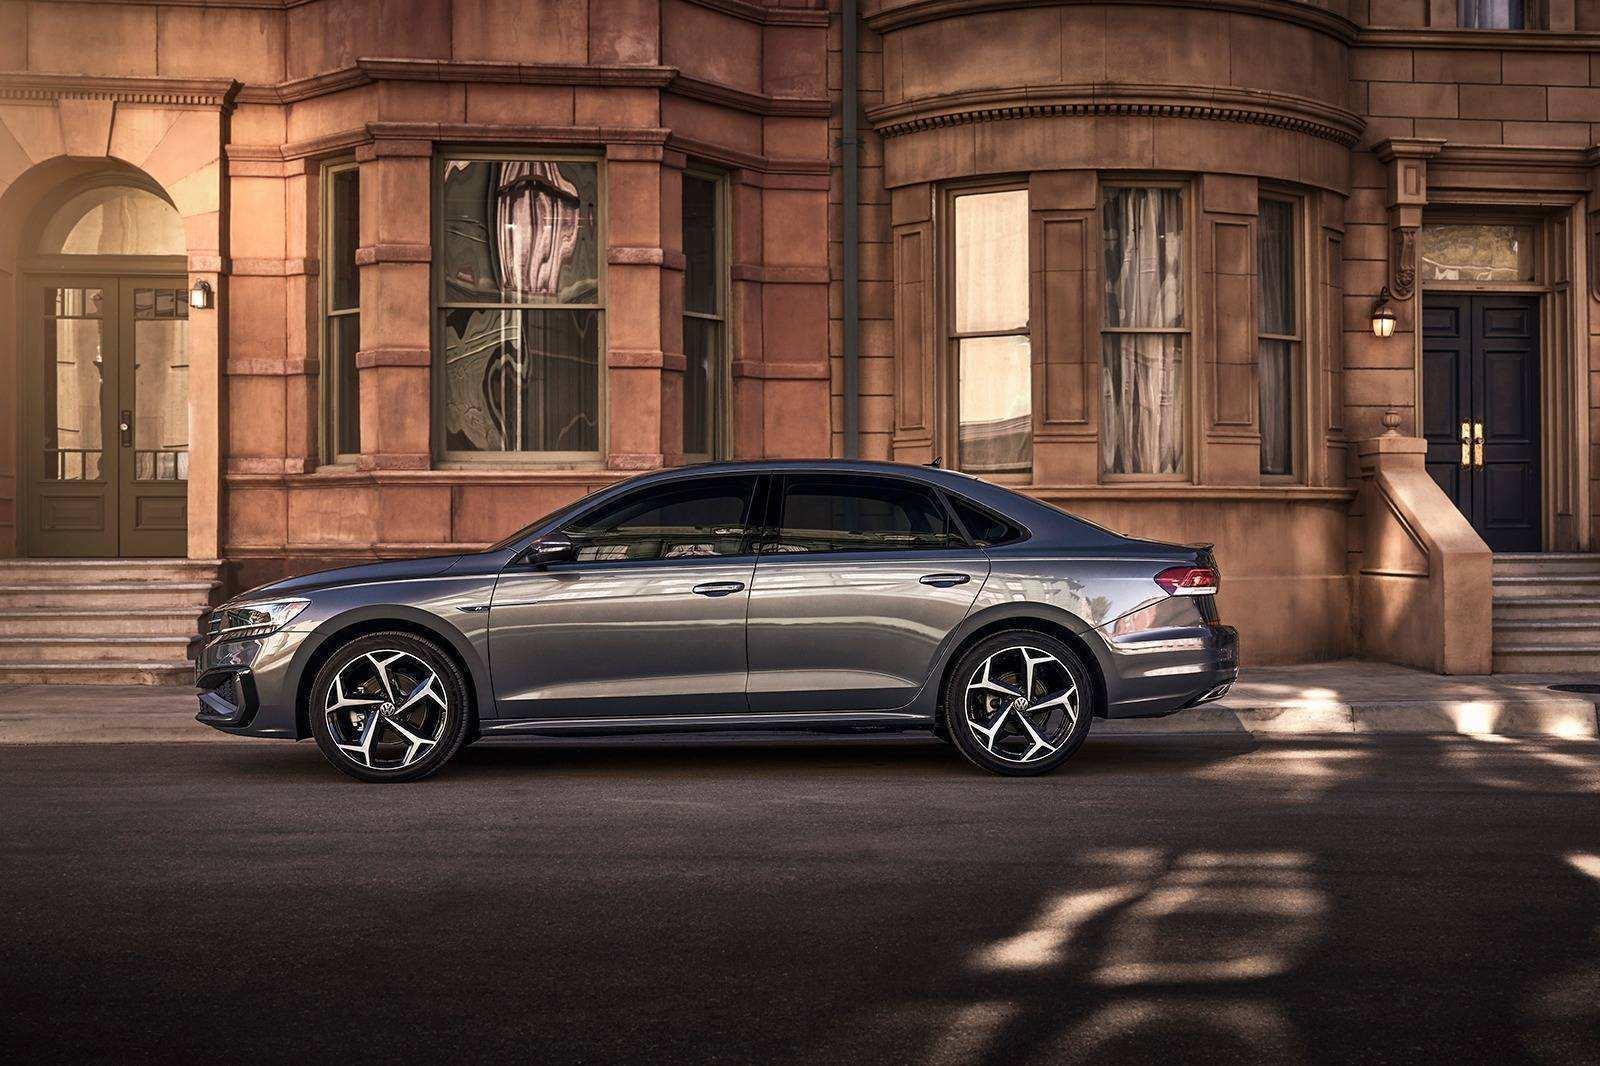 98 Great Volkswagen Sel 2020 Prices by Volkswagen Sel 2020